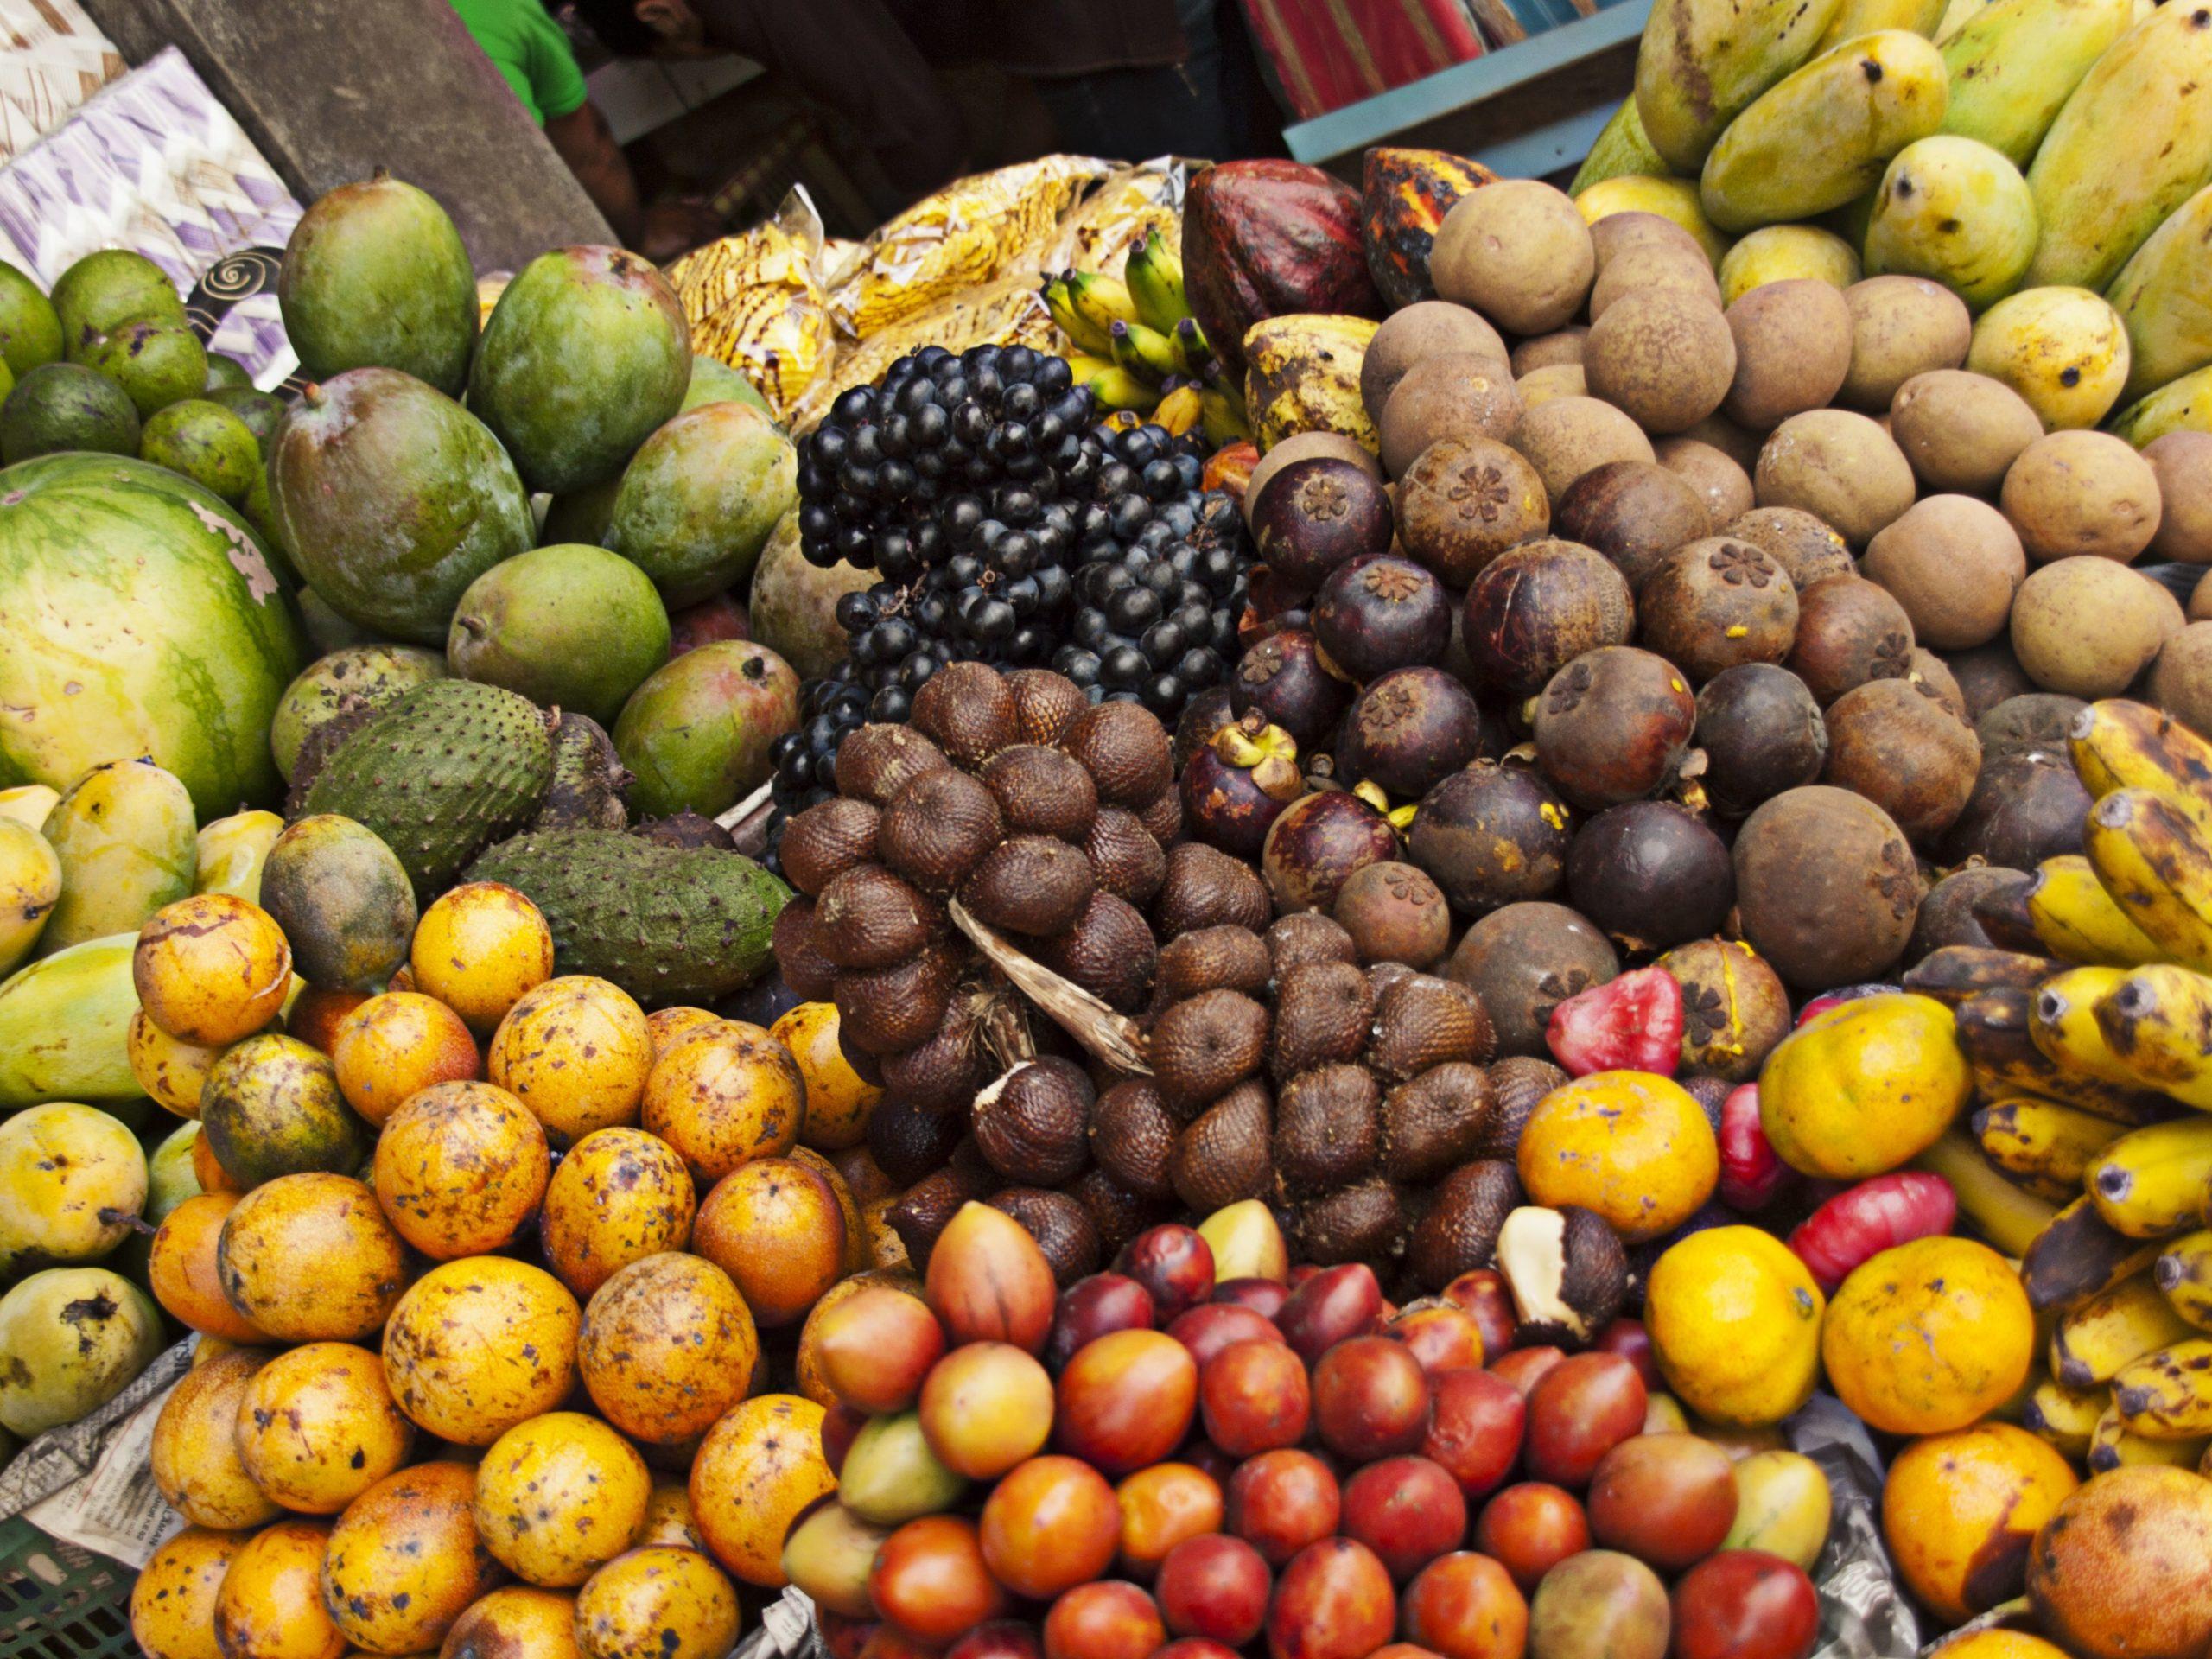 Большое количество овощей и фруктов